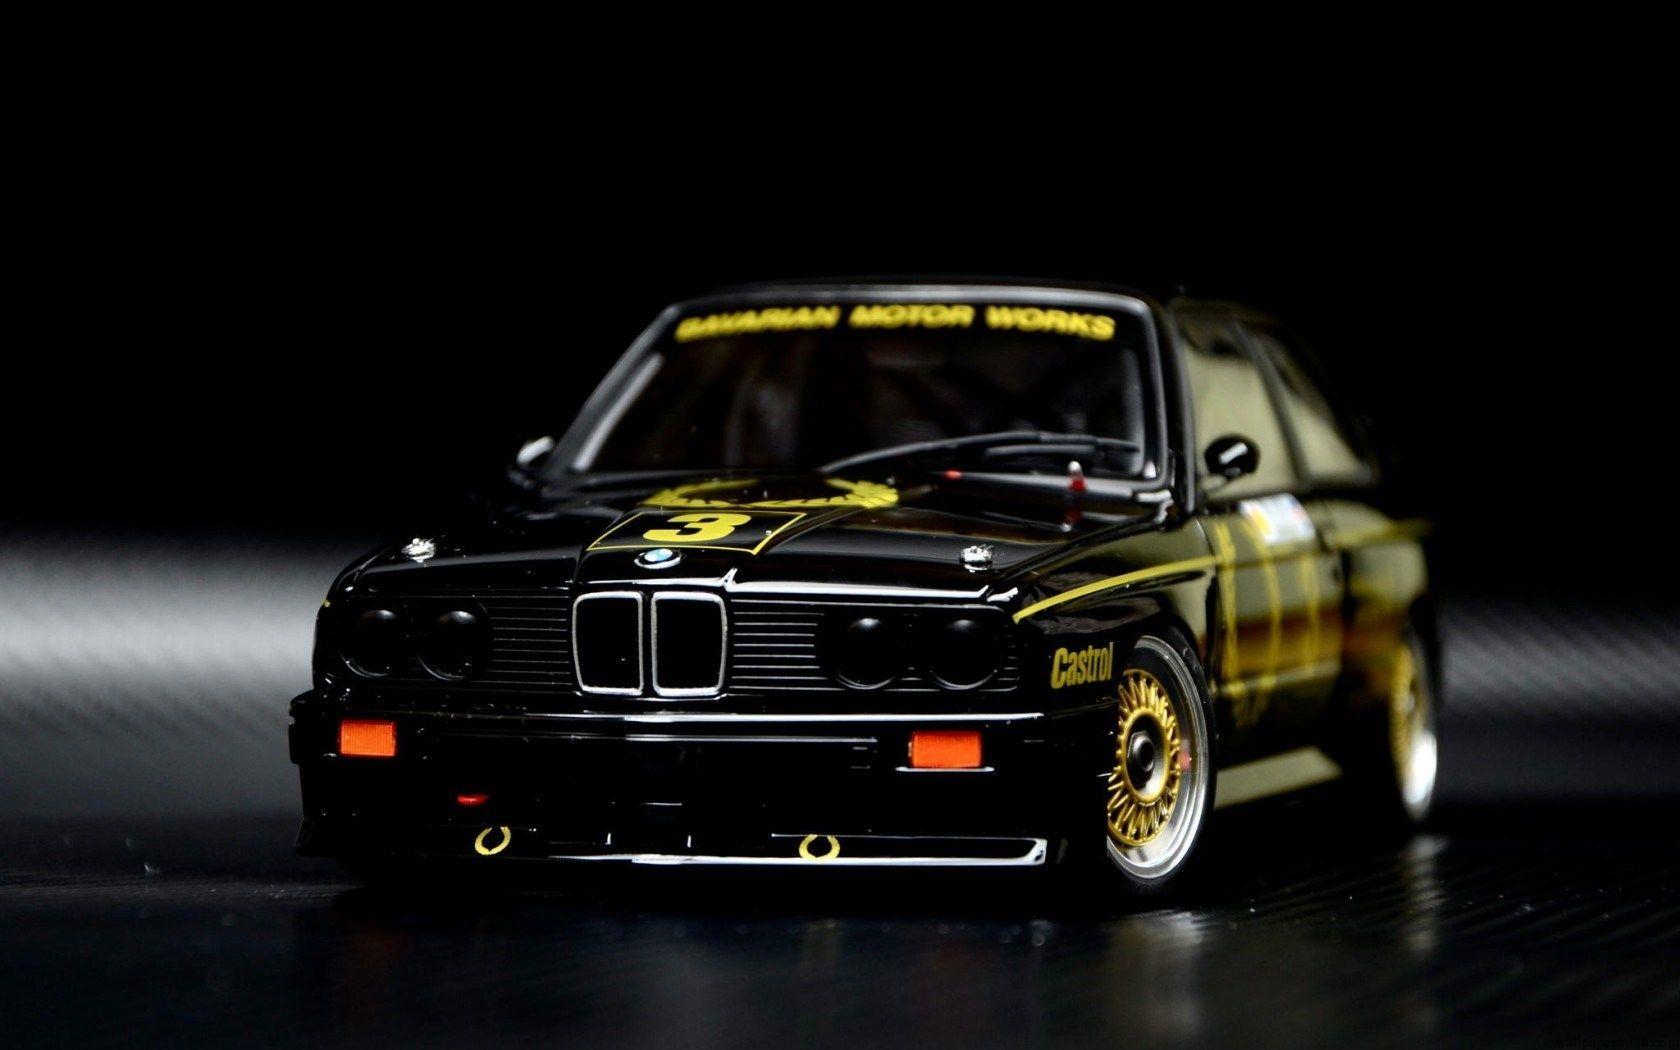 BMW E30 Wallpaper 10 - [1680x1050]